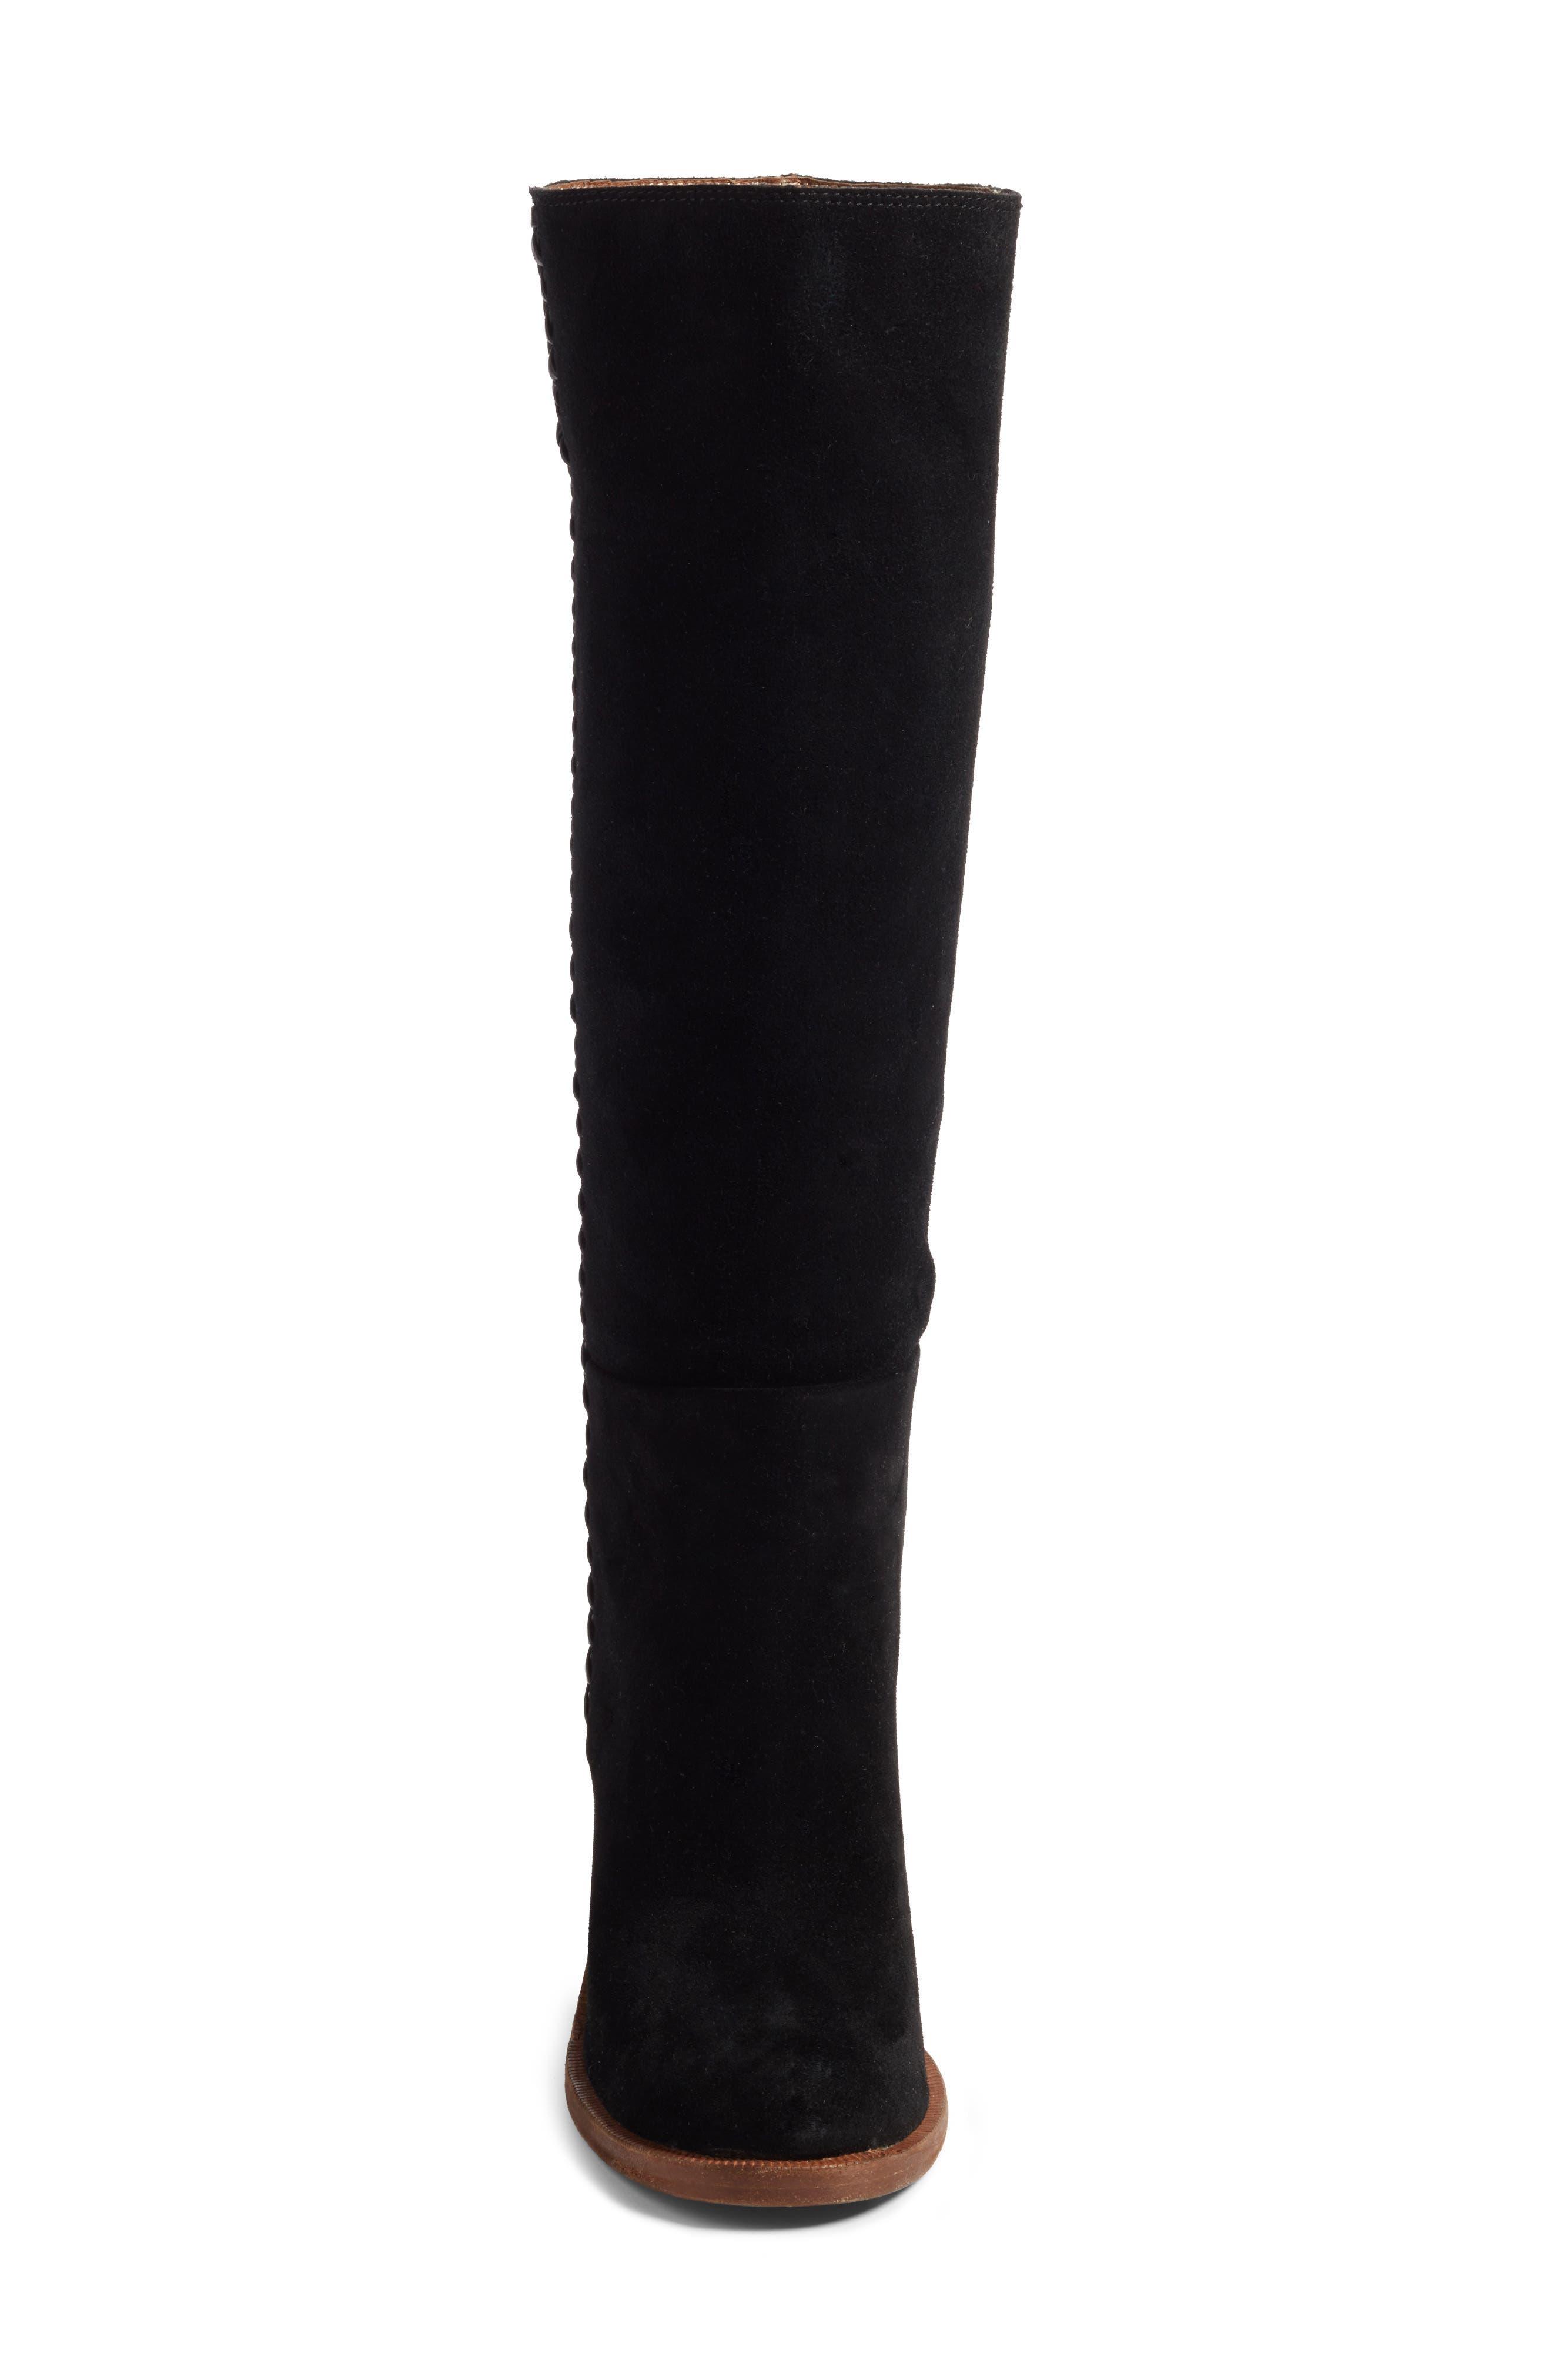 Maeva Knee High Boot,                             Alternate thumbnail 4, color,                             001